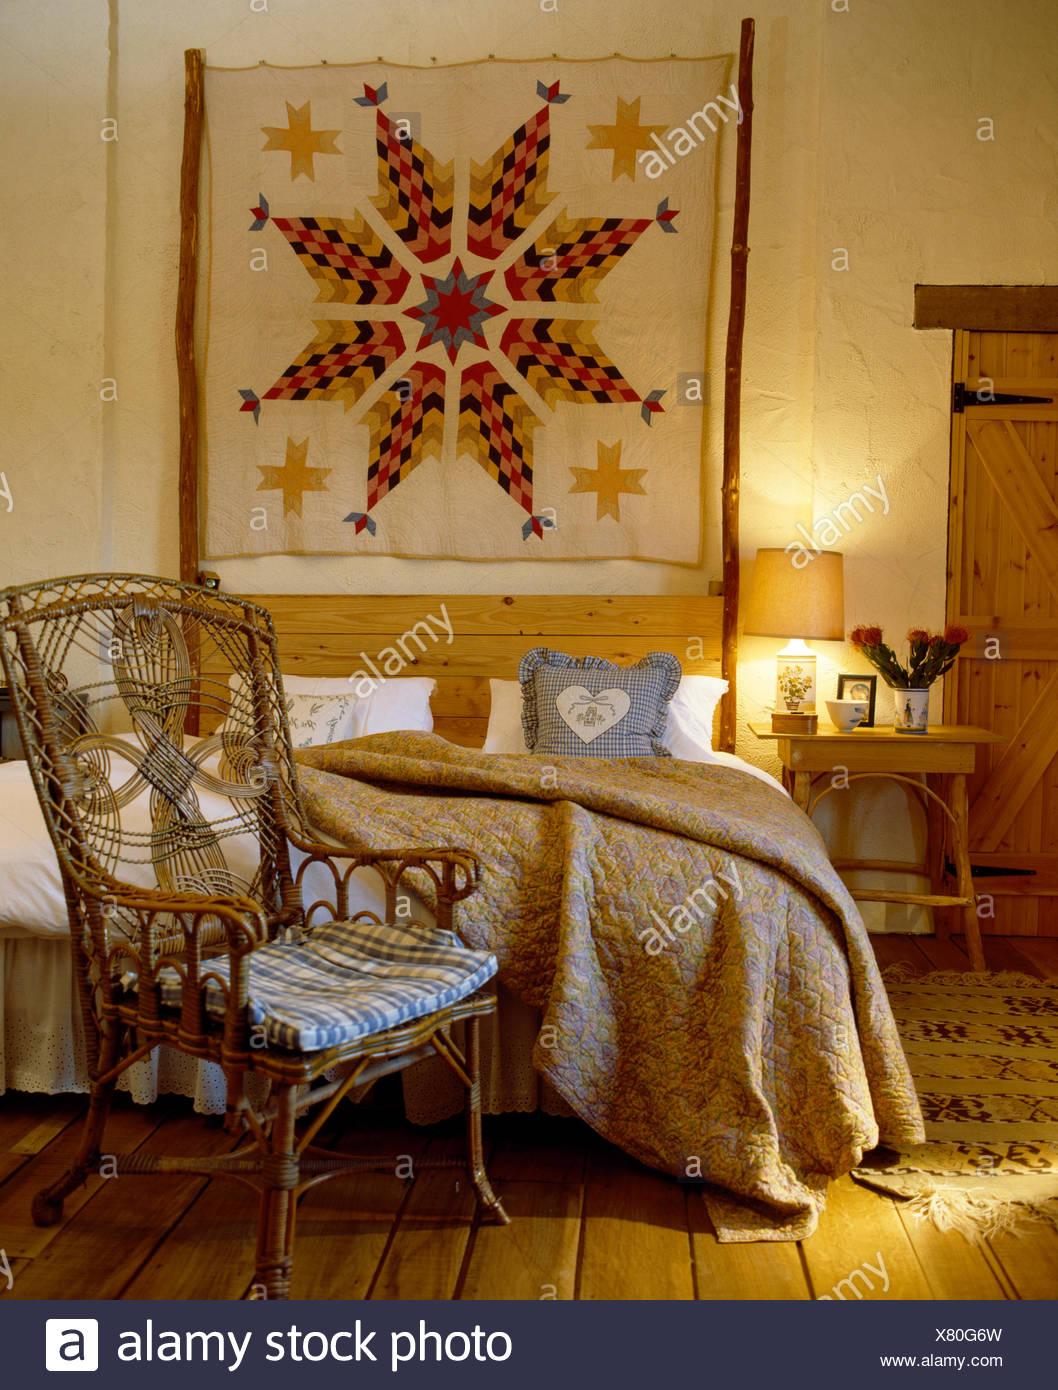 Quilt Patchwork Wandbehang über Bett mit Cvream im Land Schlafzimmer ...